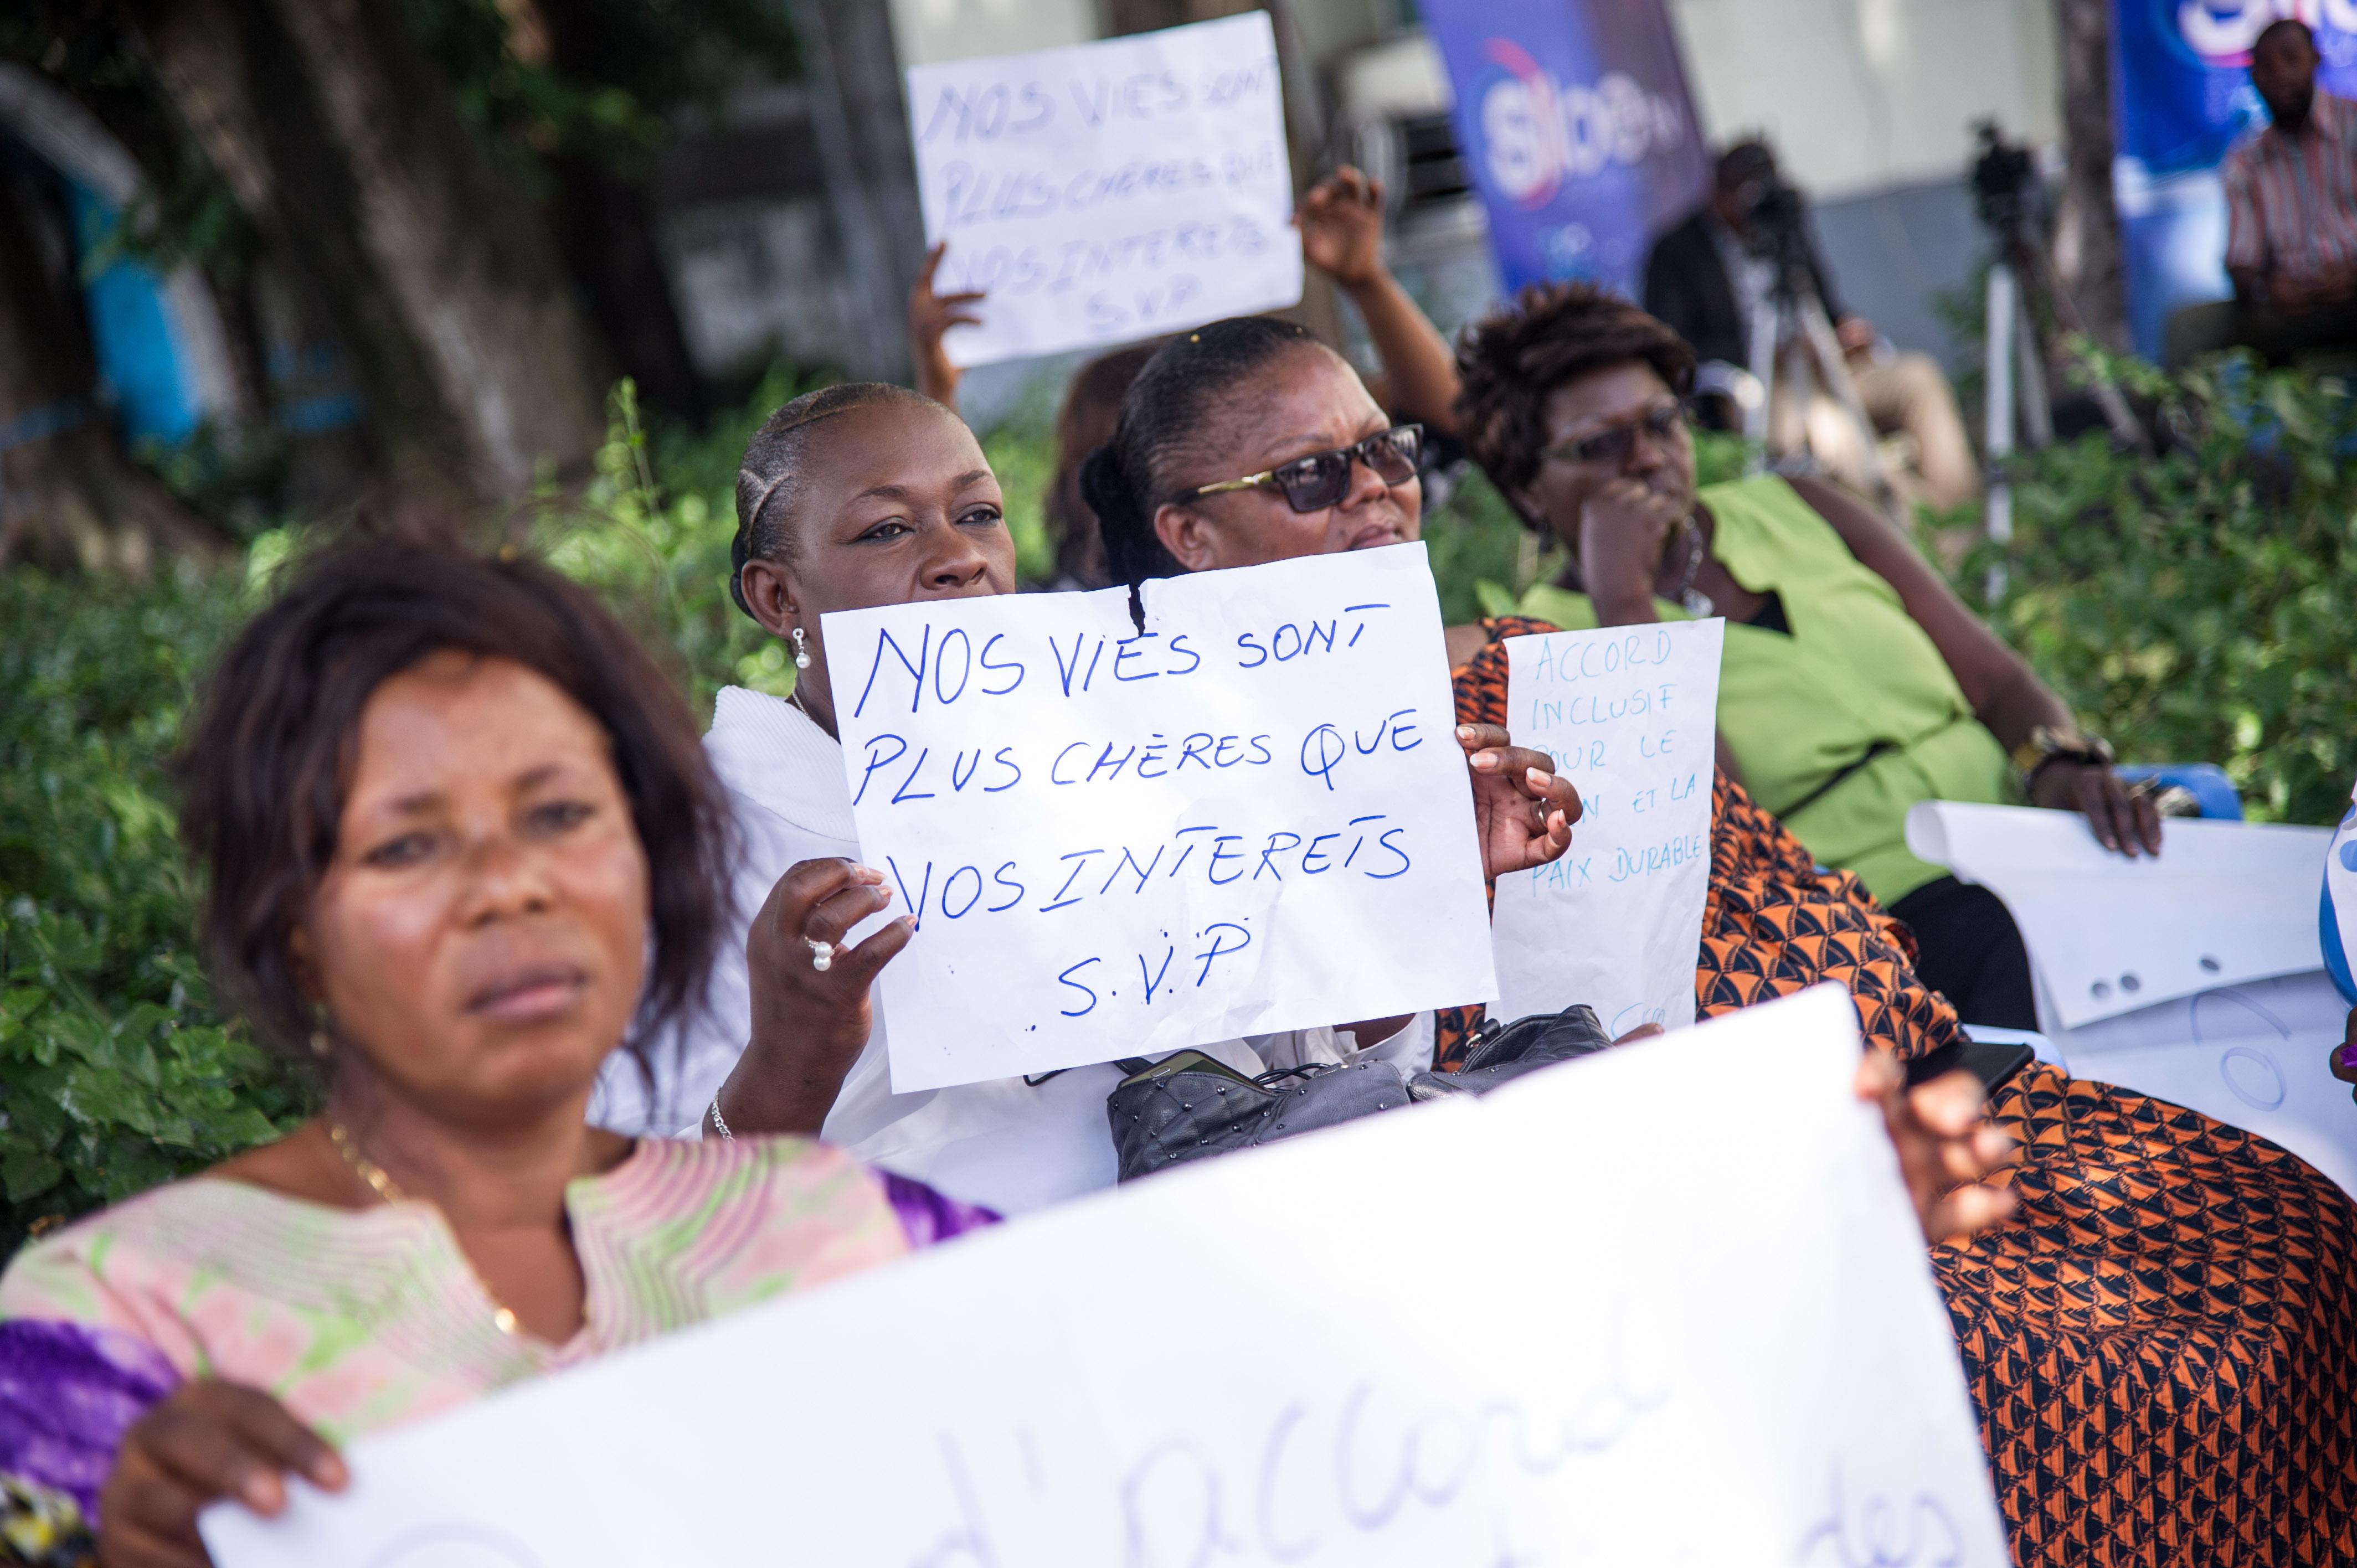 مظاهرة خارج مقر الاسقفية الكونغولية لبحث ازمة الرئاسية فى البلاد (2)